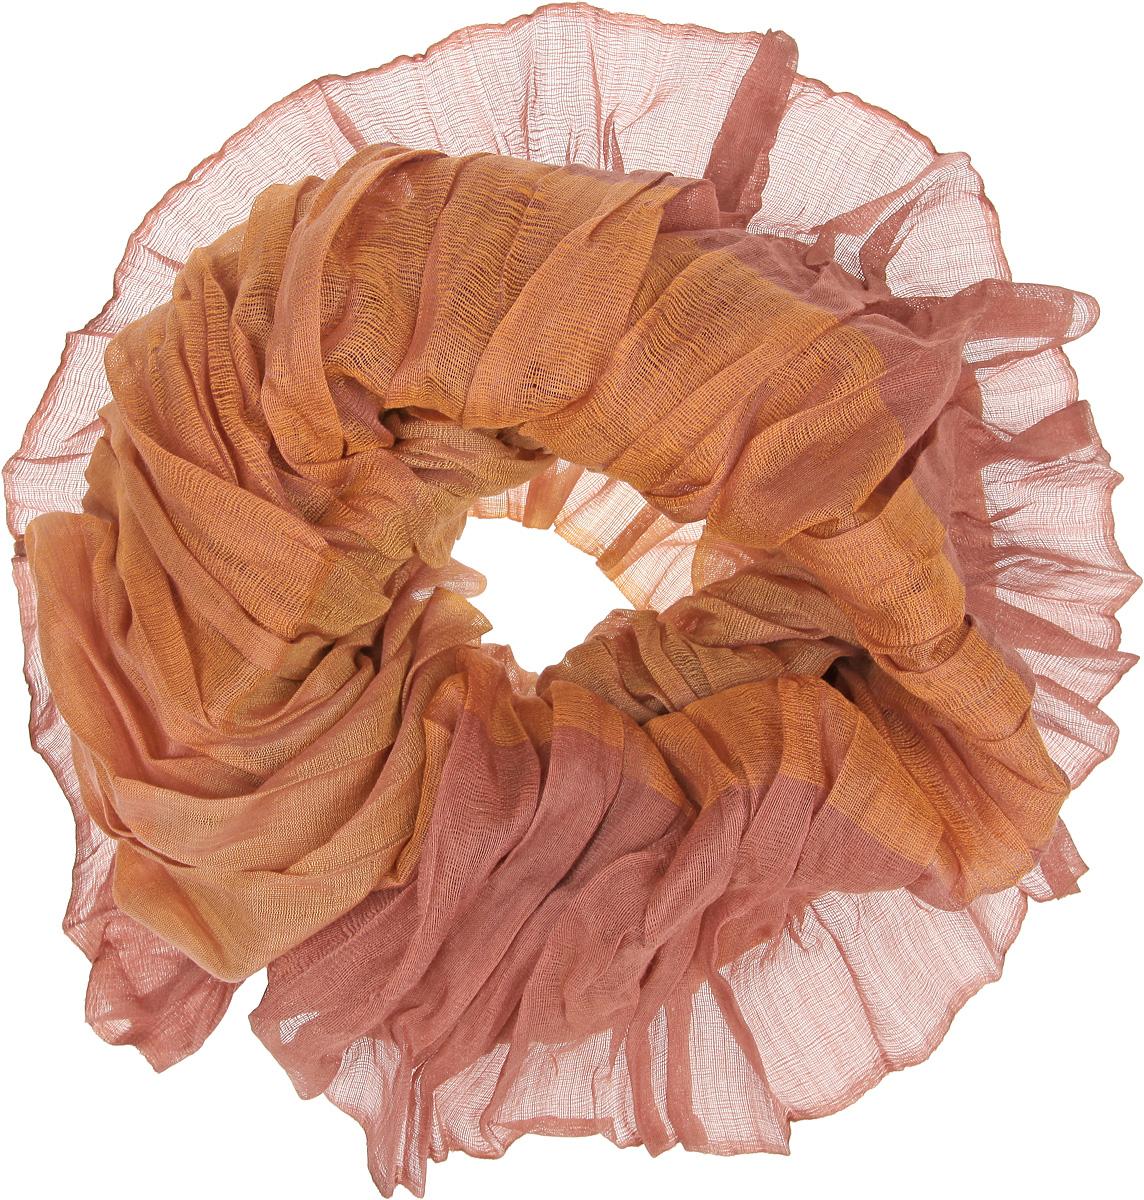 Снуд-хомут женский. JC50-63278JC50-63278Элегантный снуд-хомут Eleganzza станет изысканным аксессуаром, который призван подчеркнуть индивидуальность и очарование женщины. Модель выполнена из шерсти и шелка с добавлением лайкры. С внутренней стороны предусмотрены эластичные резинки. Этот модный аксессуар женского гардероба гармонично дополнит образ современной женщины, следящей за своим имиджем и стремящейся всегда оставаться стильной и элегантной.